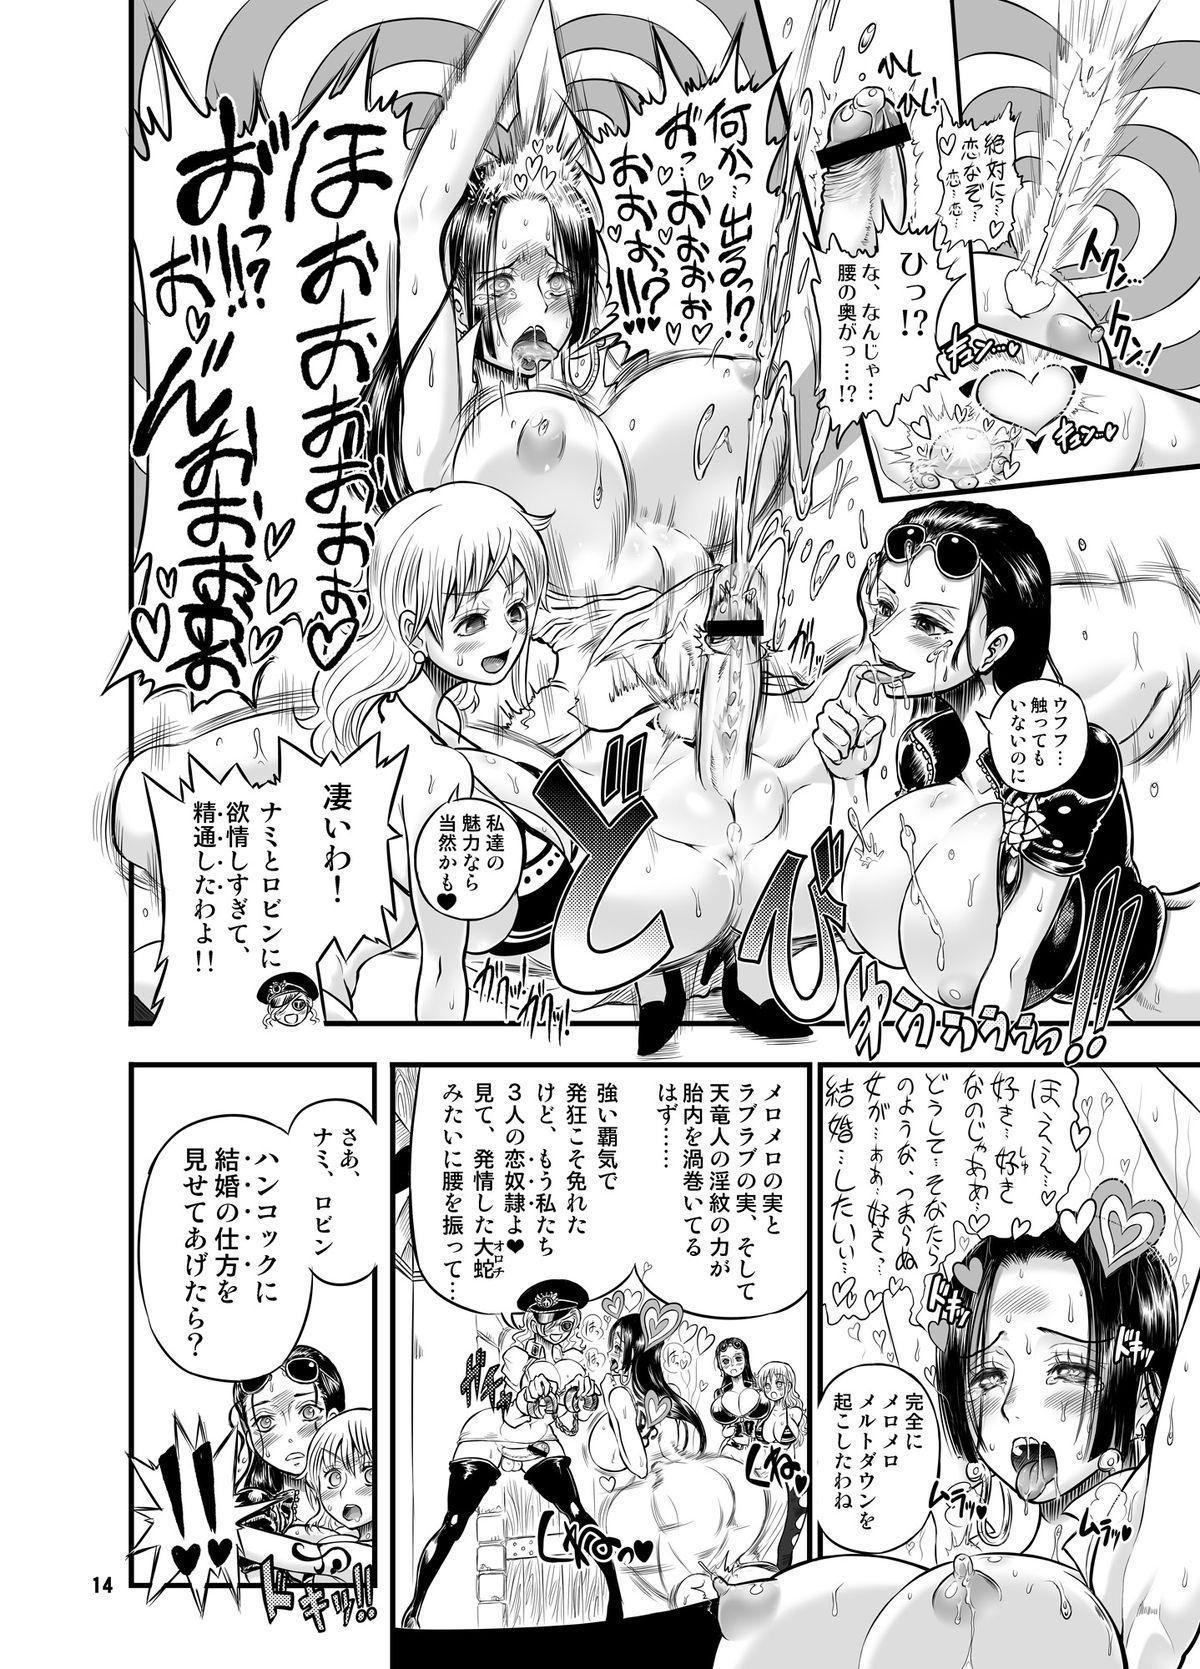 Midarezaki Kaizoku Jotei 13